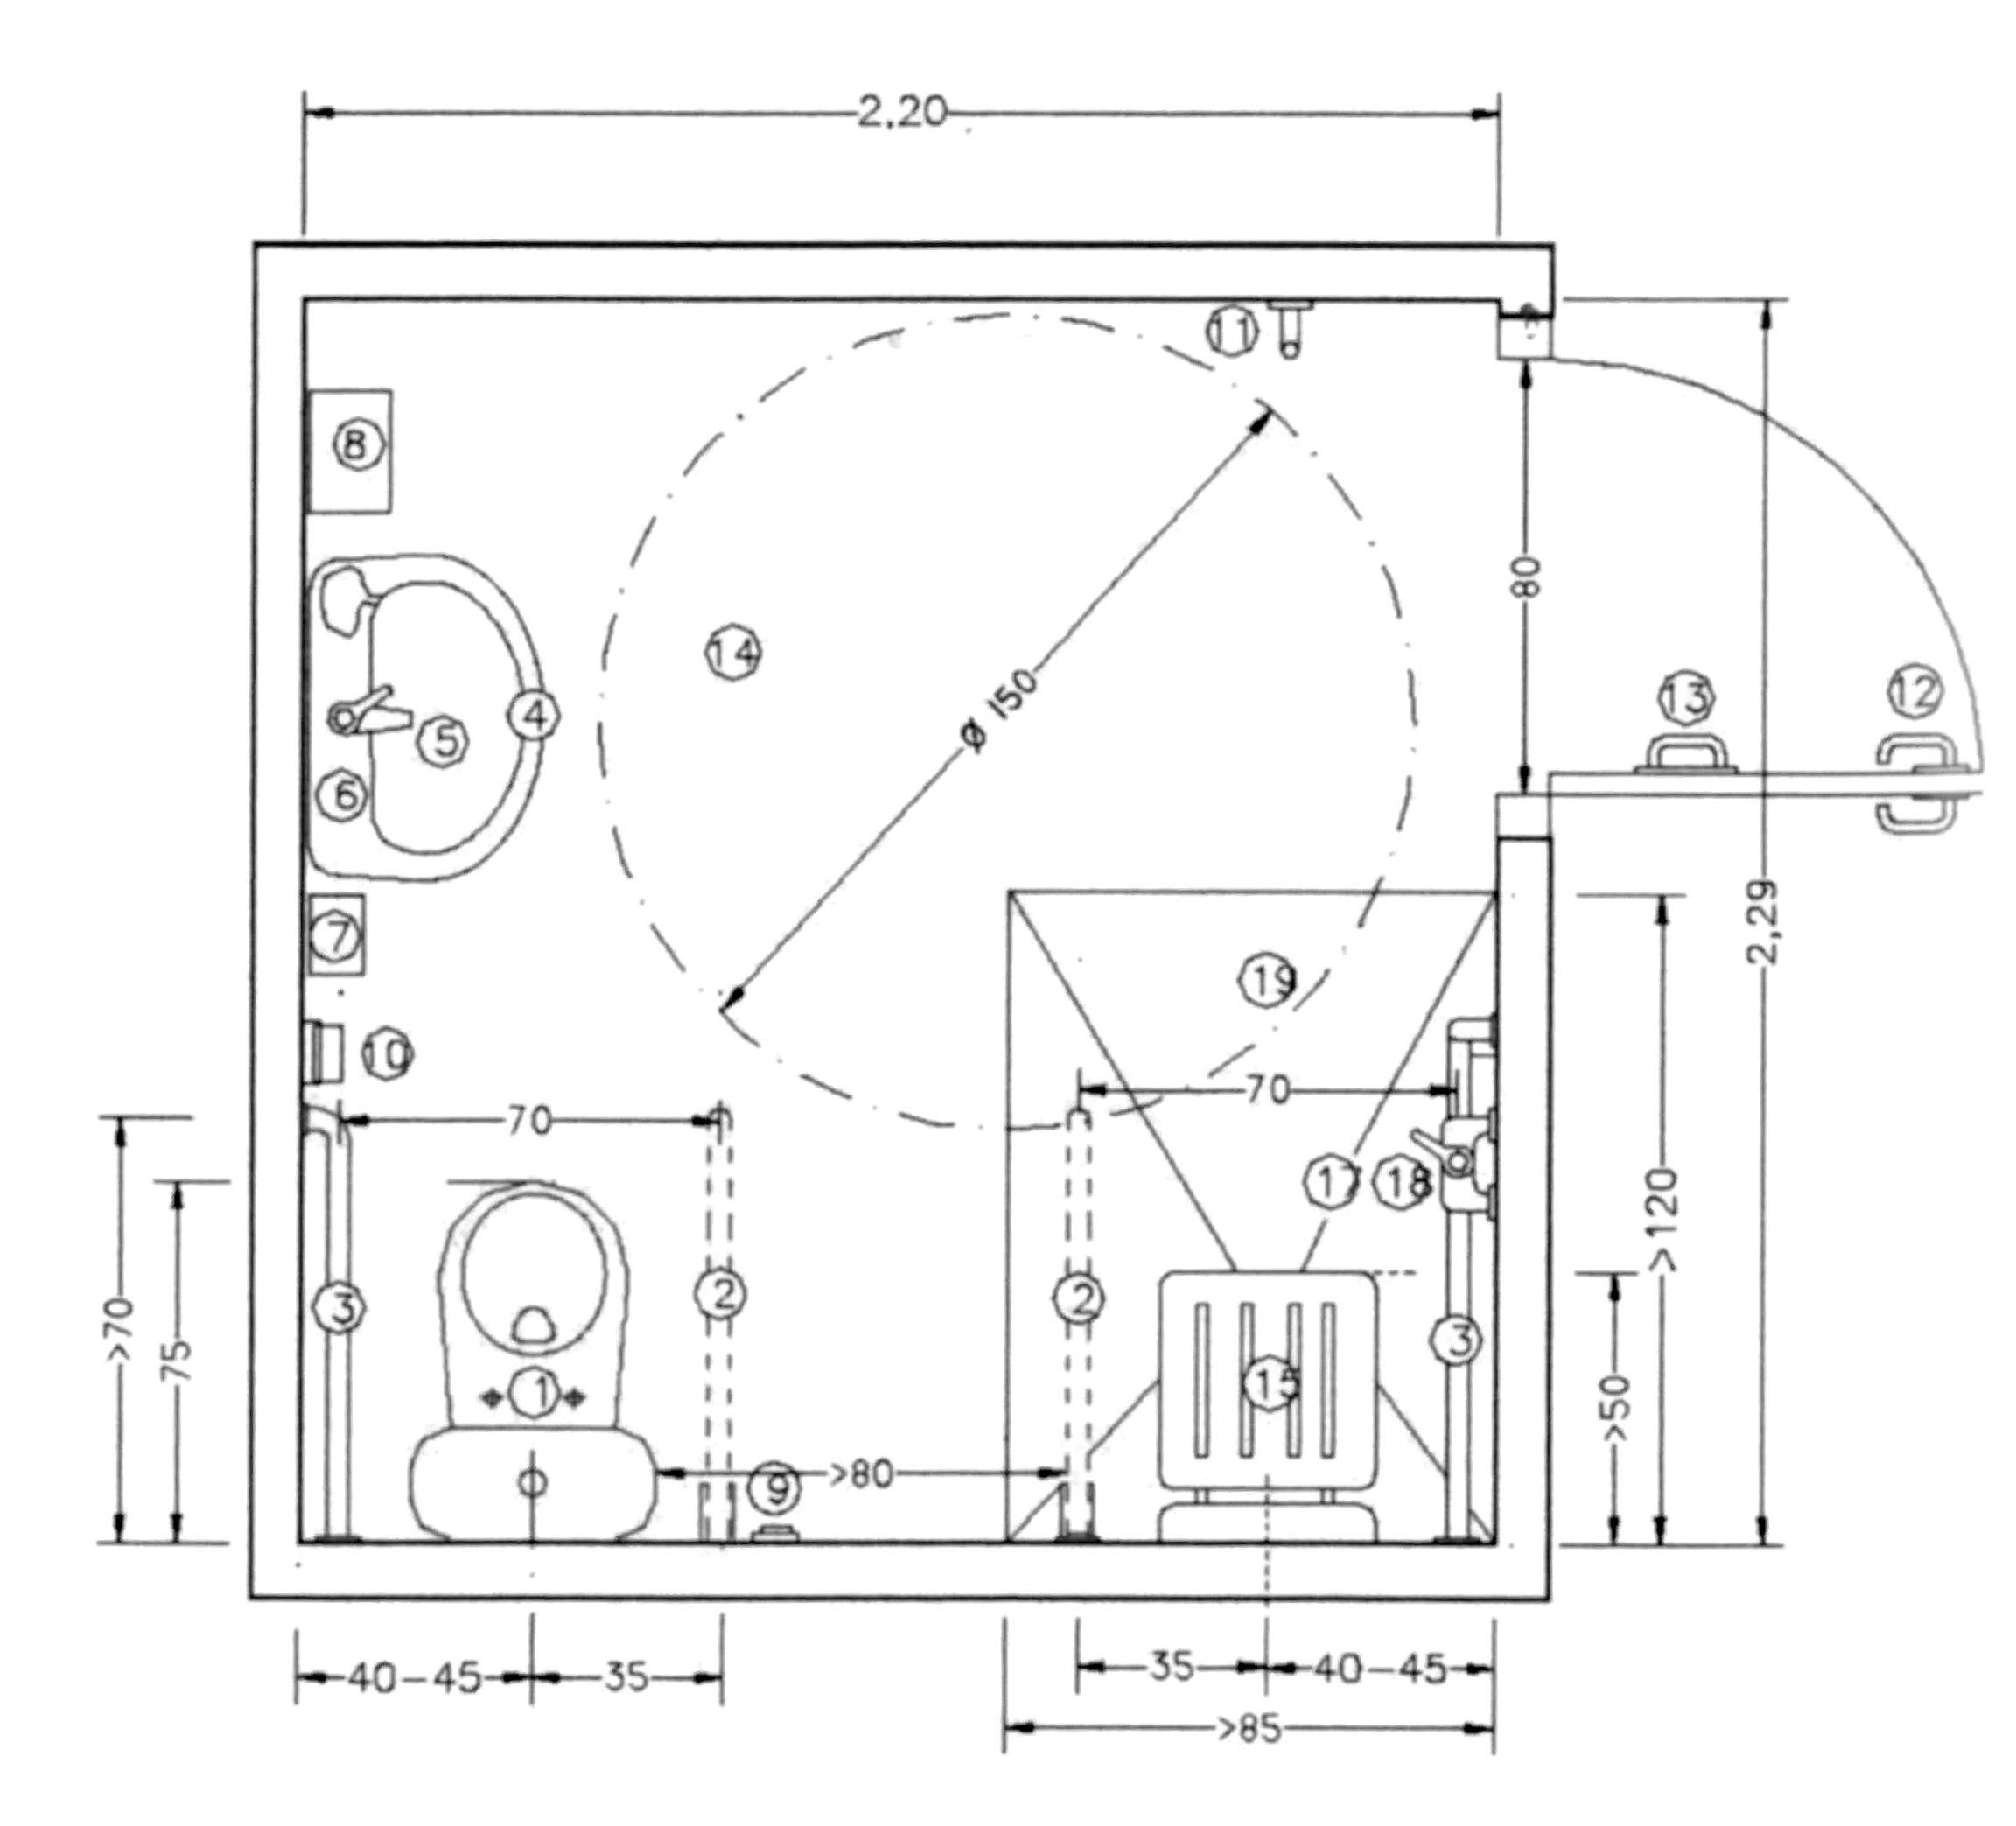 Accesibilidad integral y construcción de baños adaptados  Baño